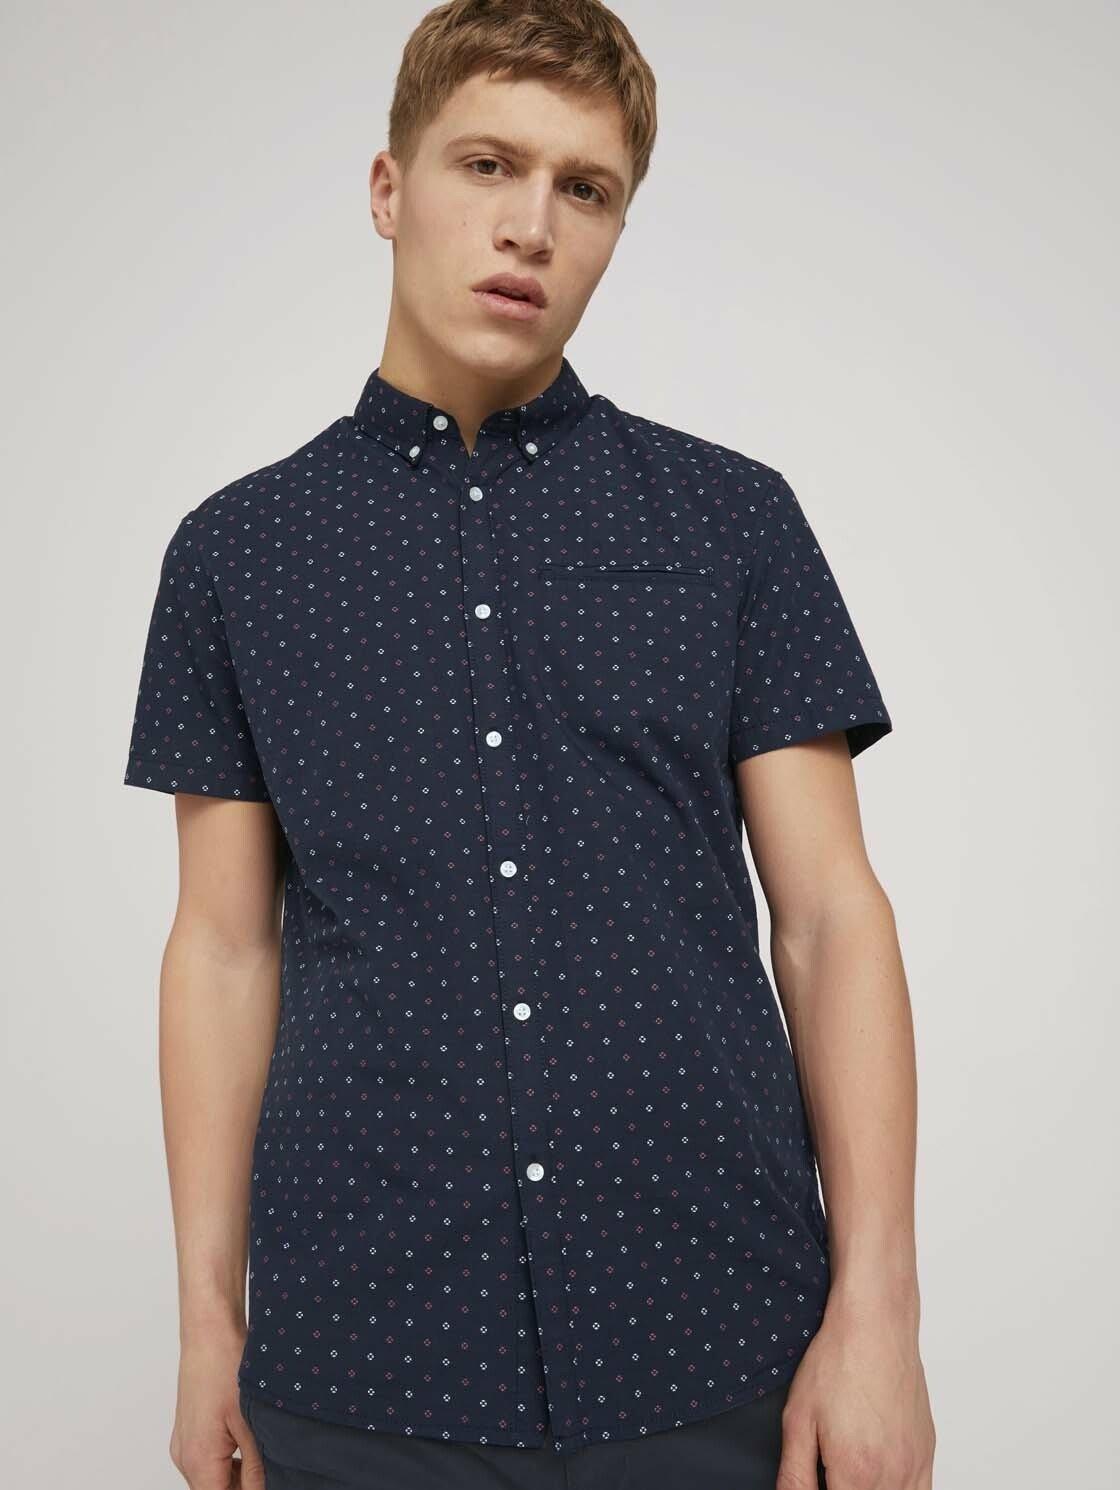 Tom Tailor Denim overhemd met korte mouwen »kurzärmliges Hemd« nu online bestellen